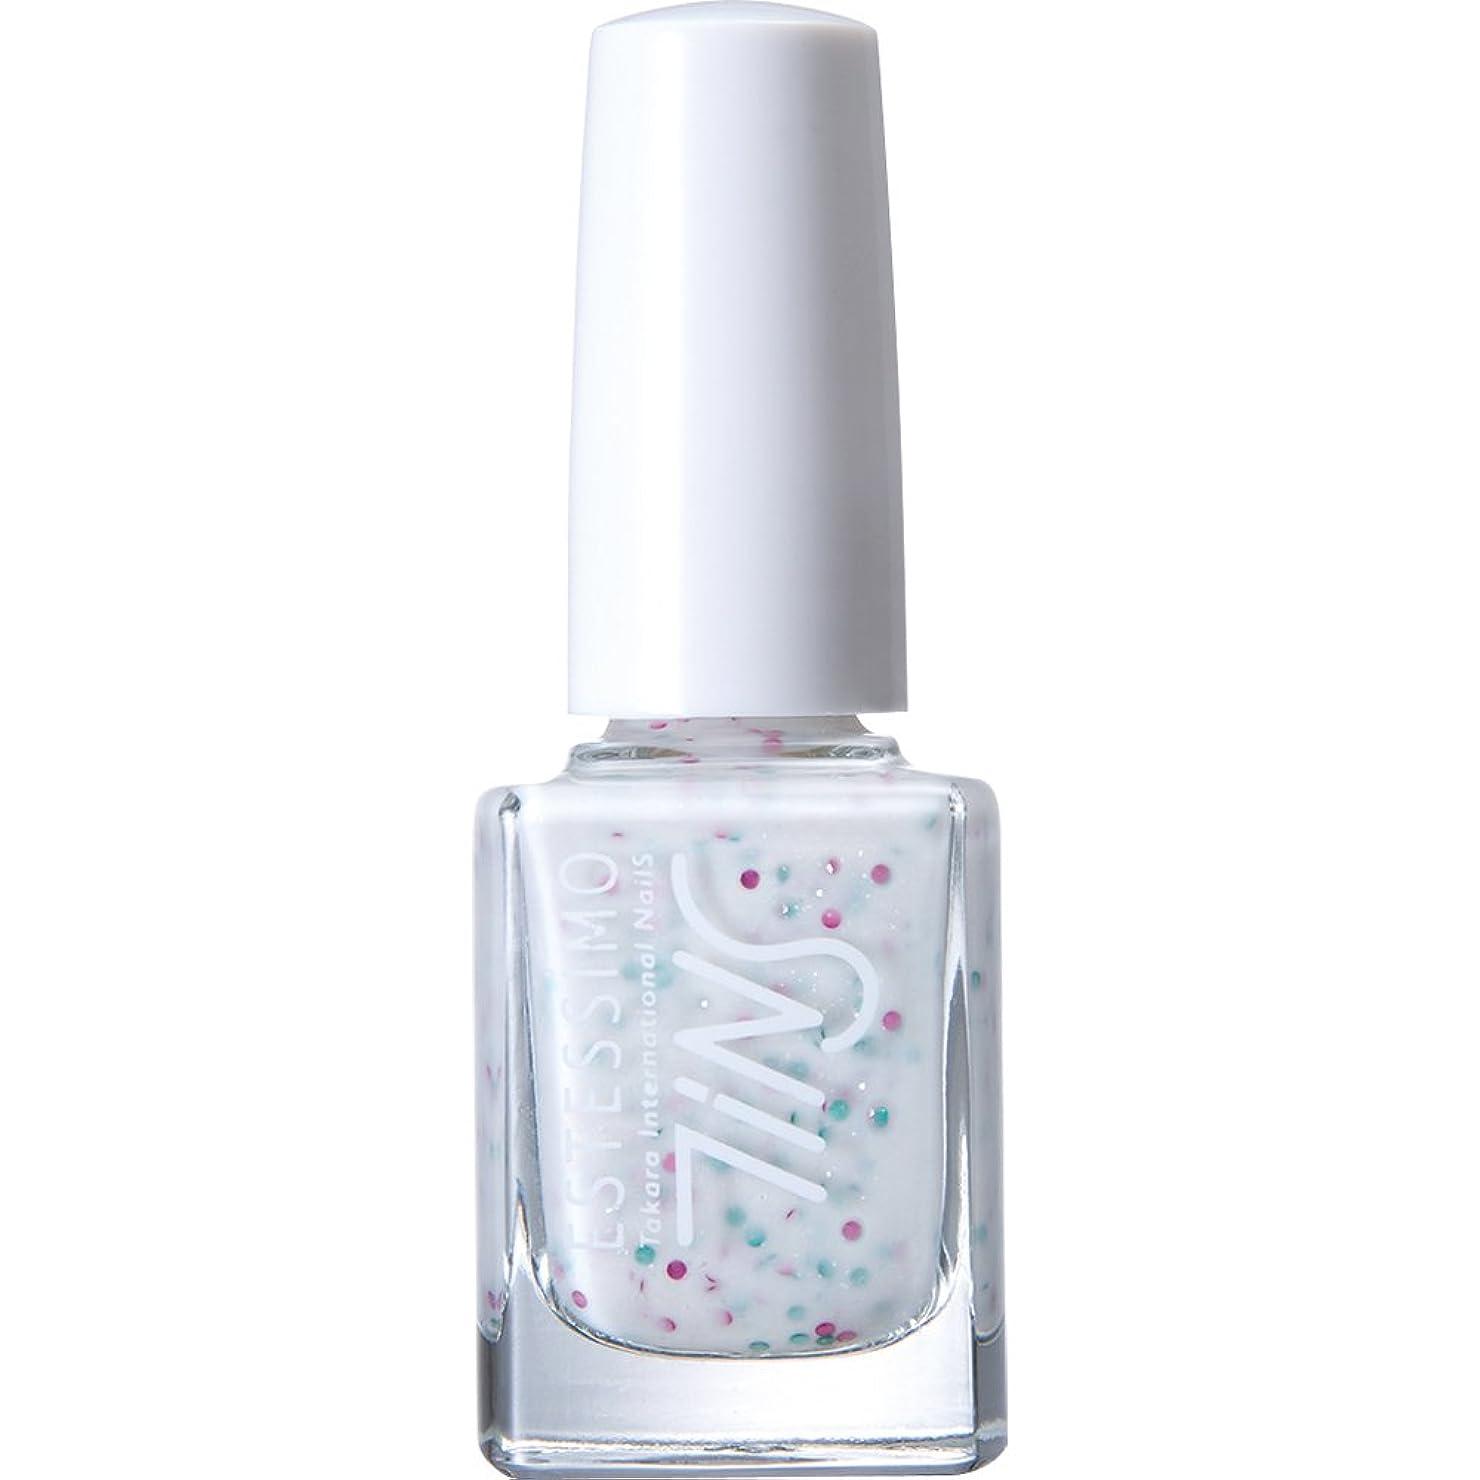 予測三補うTiNS カラーポリッシュ 801 シュガーミルクシェイク 11ml 2015年春の限定色「Sugarsprinkles! 」シリーズ